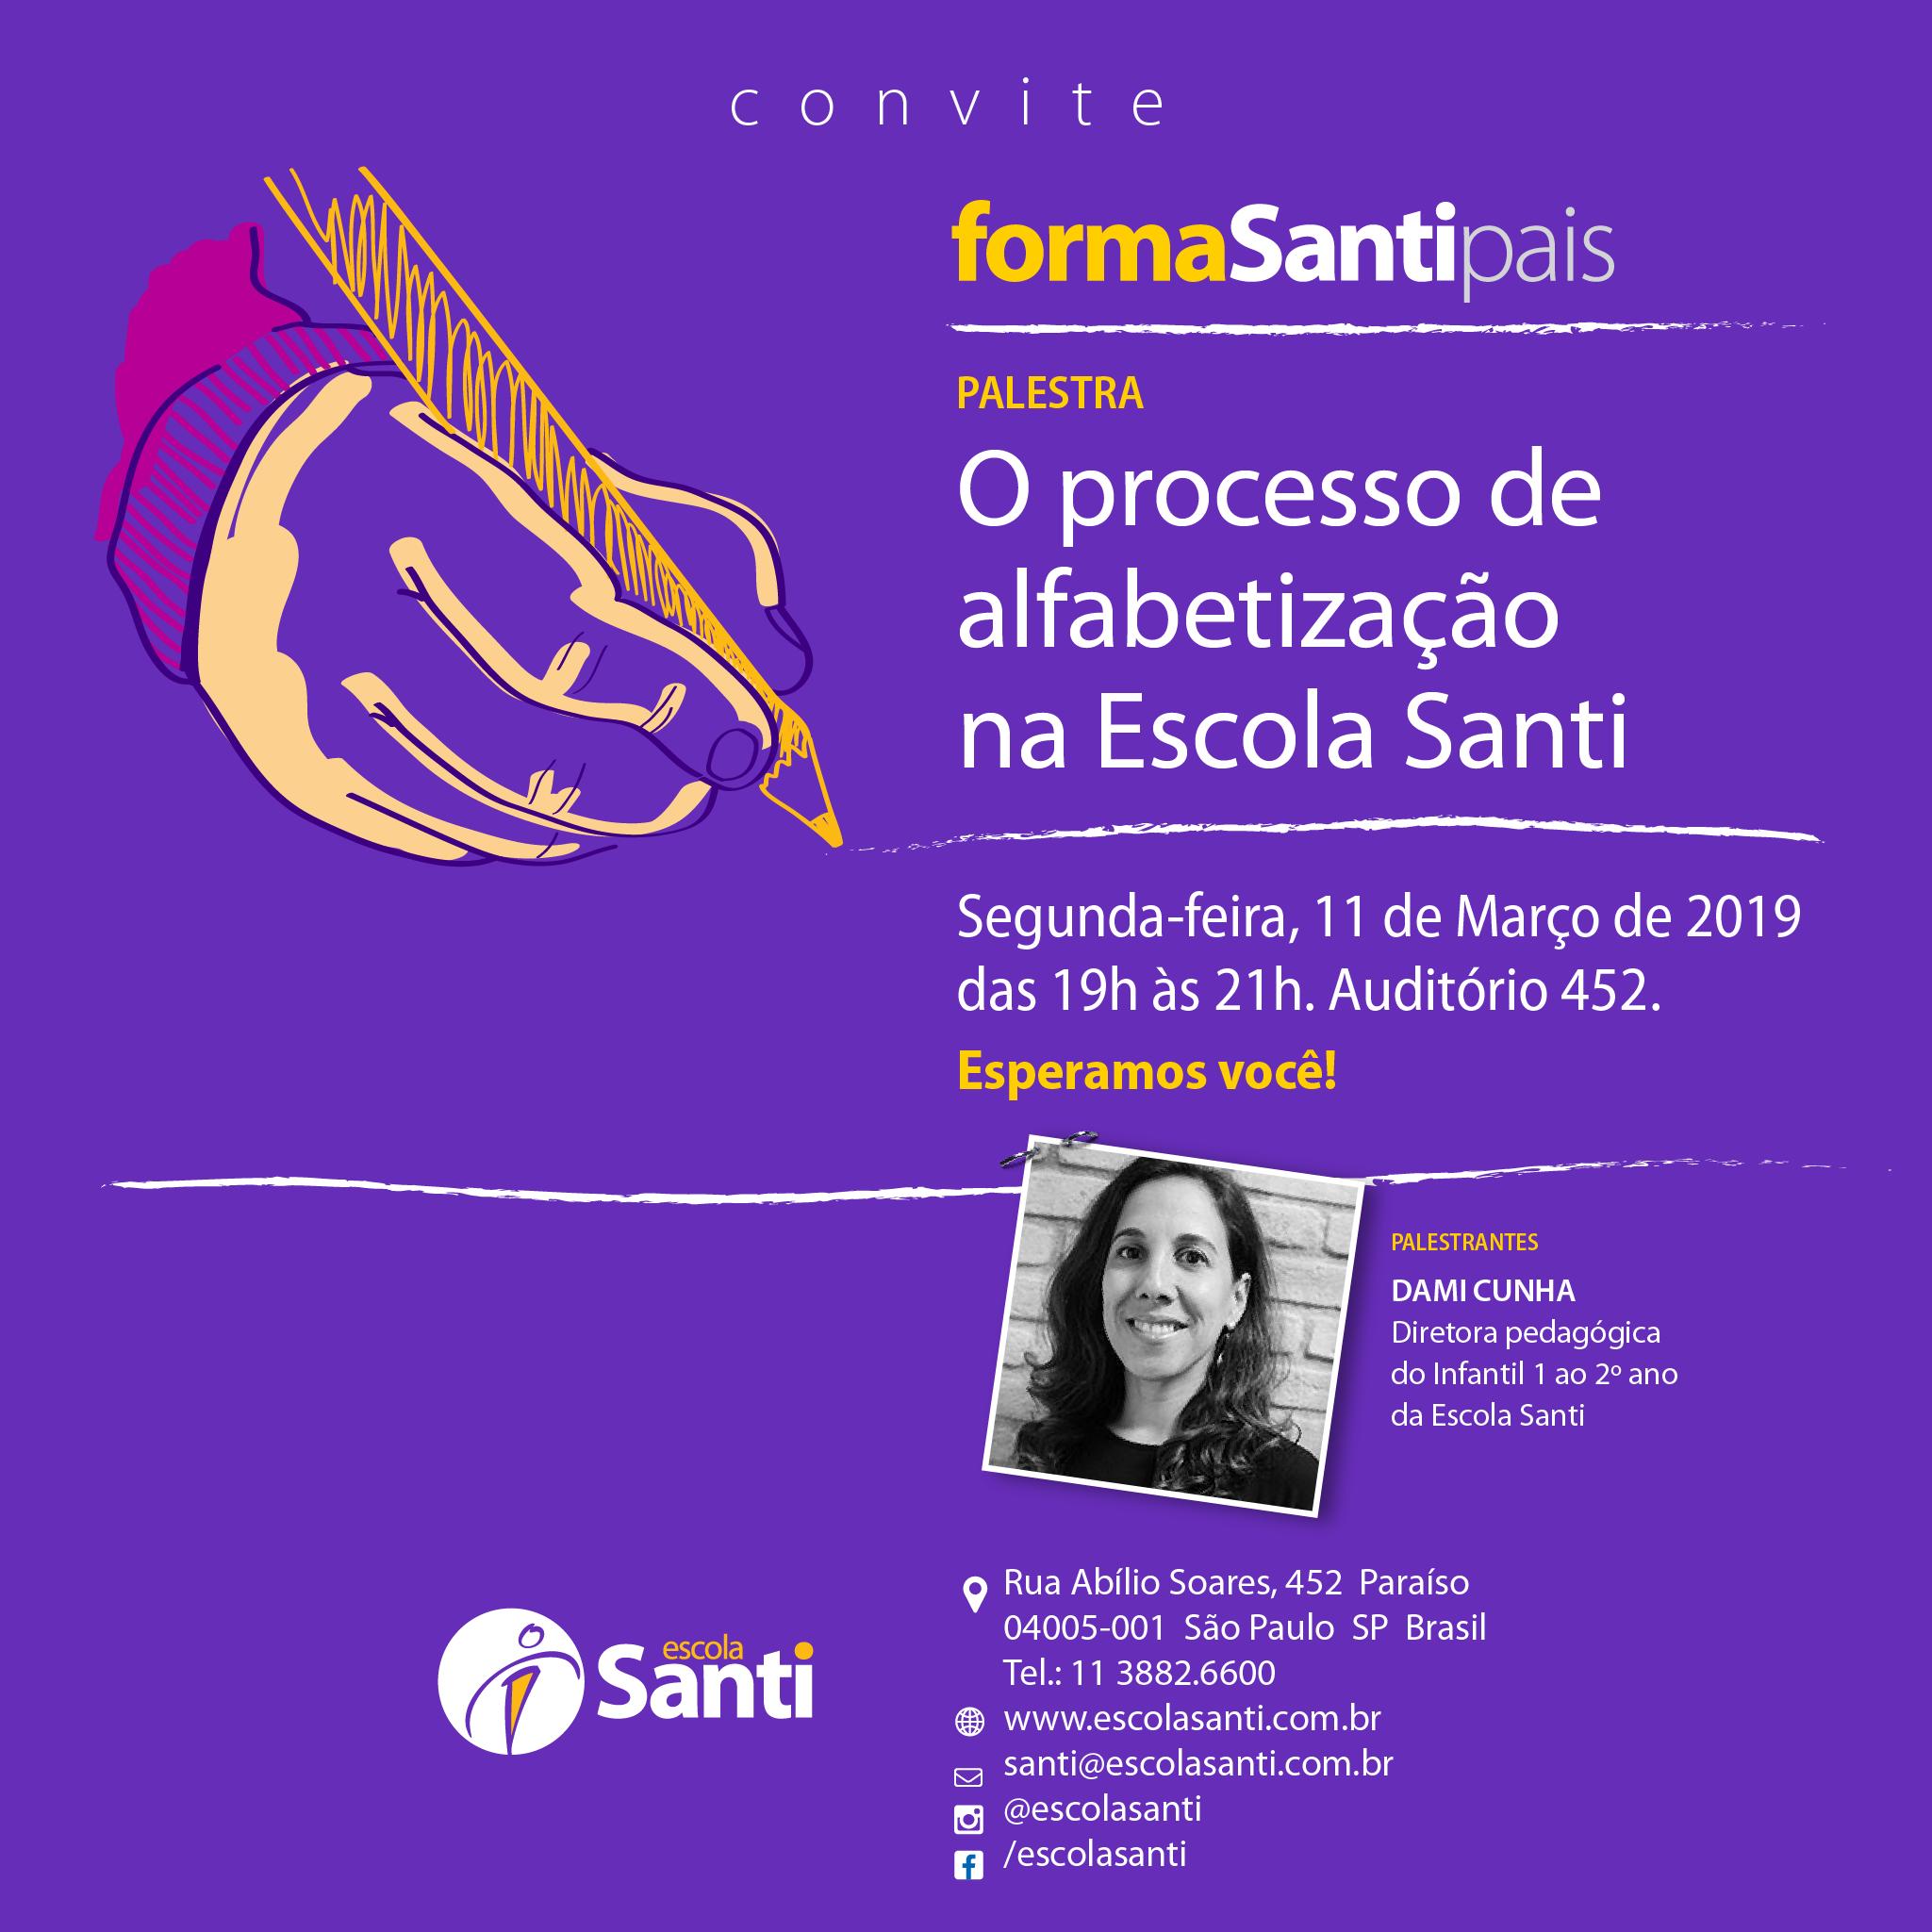 Convite Forma Santi Pais 2019 V4